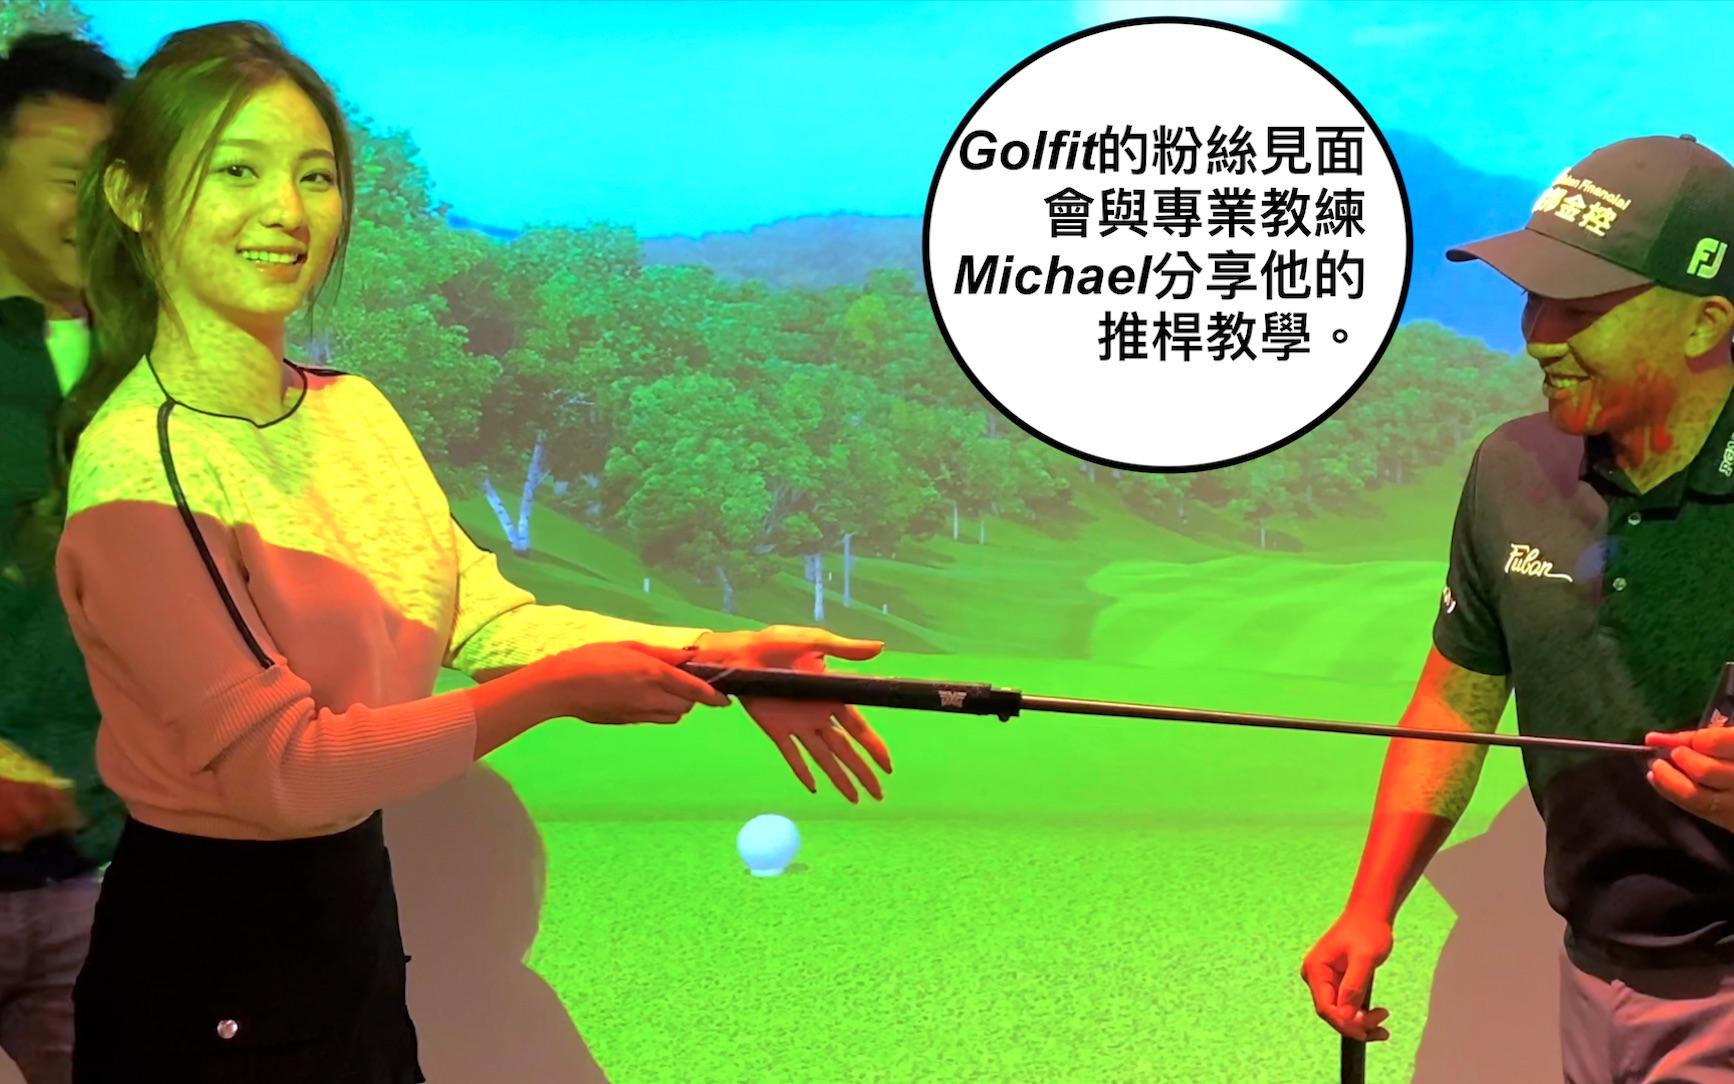 潘特西Pantasy Golf 28|Golfit的粉絲見面會與專業教練Michael分享他的推桿教學。